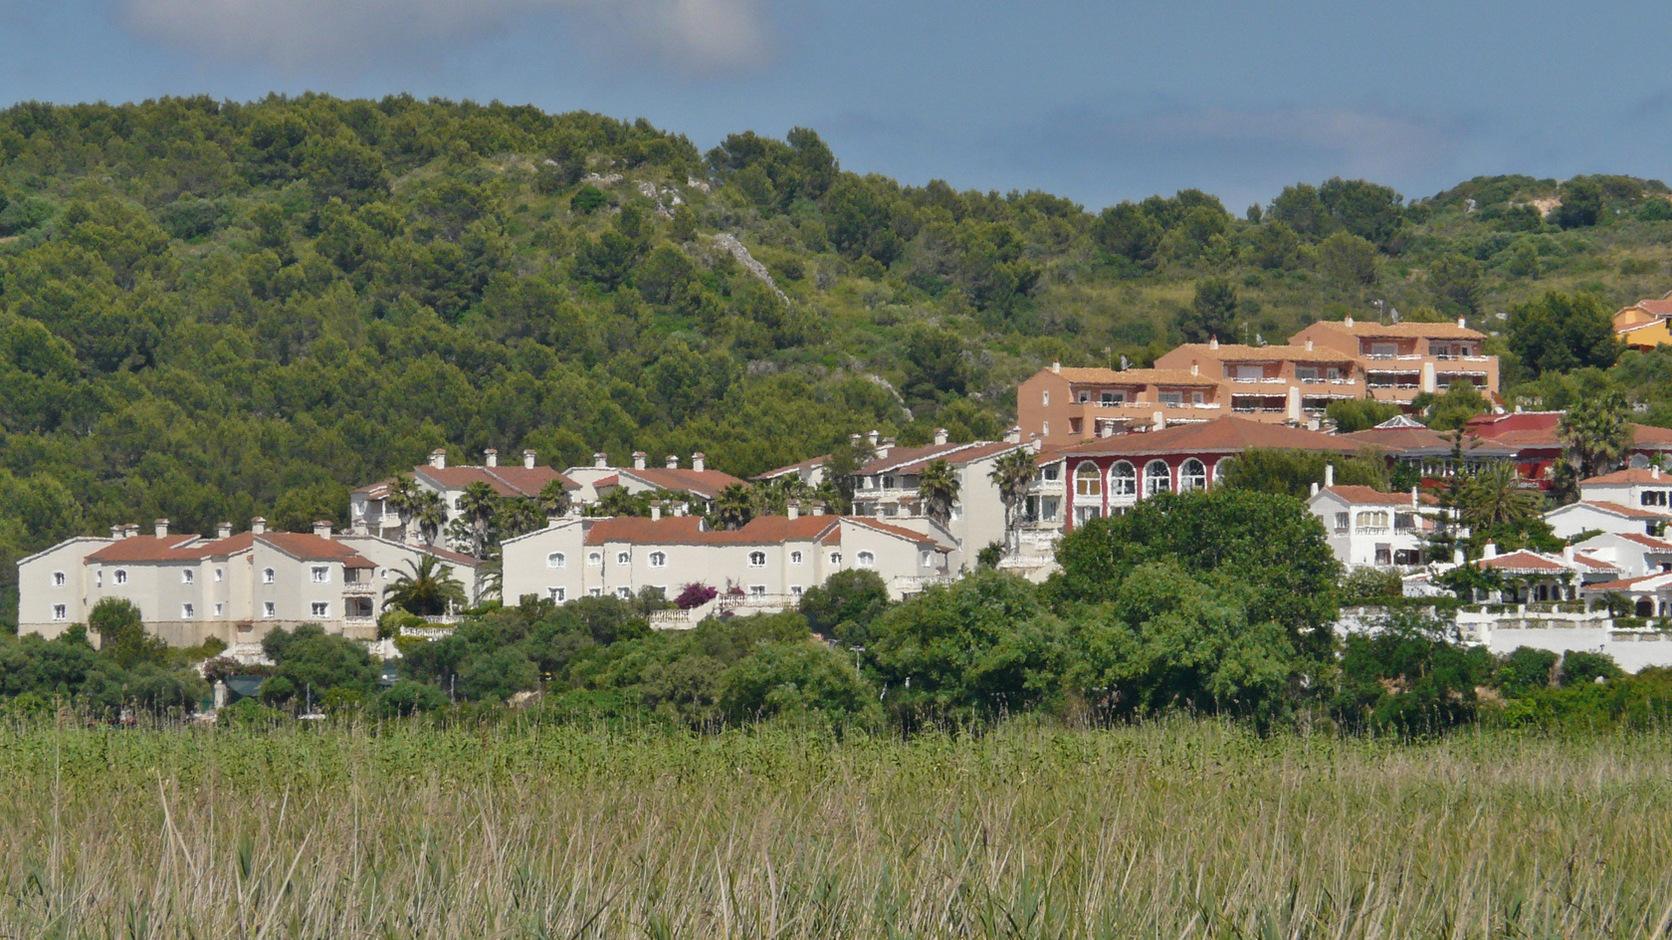 Son bou jardin de menorca 05 w rolf maltas website - Jardin de menorca ...